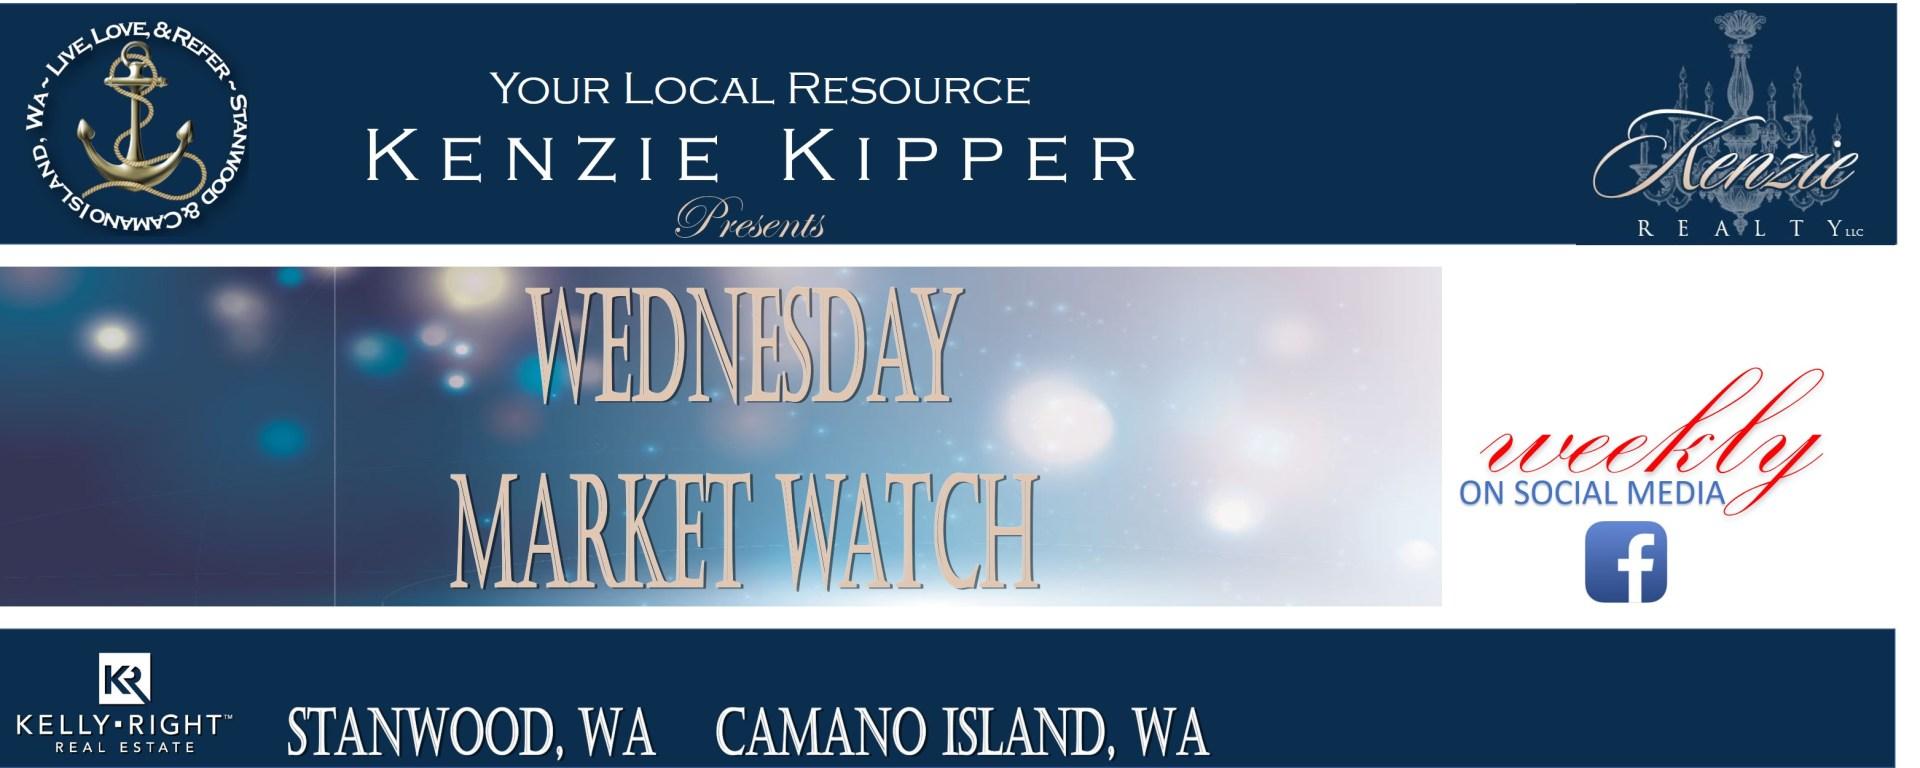 wednesday market watch header 1